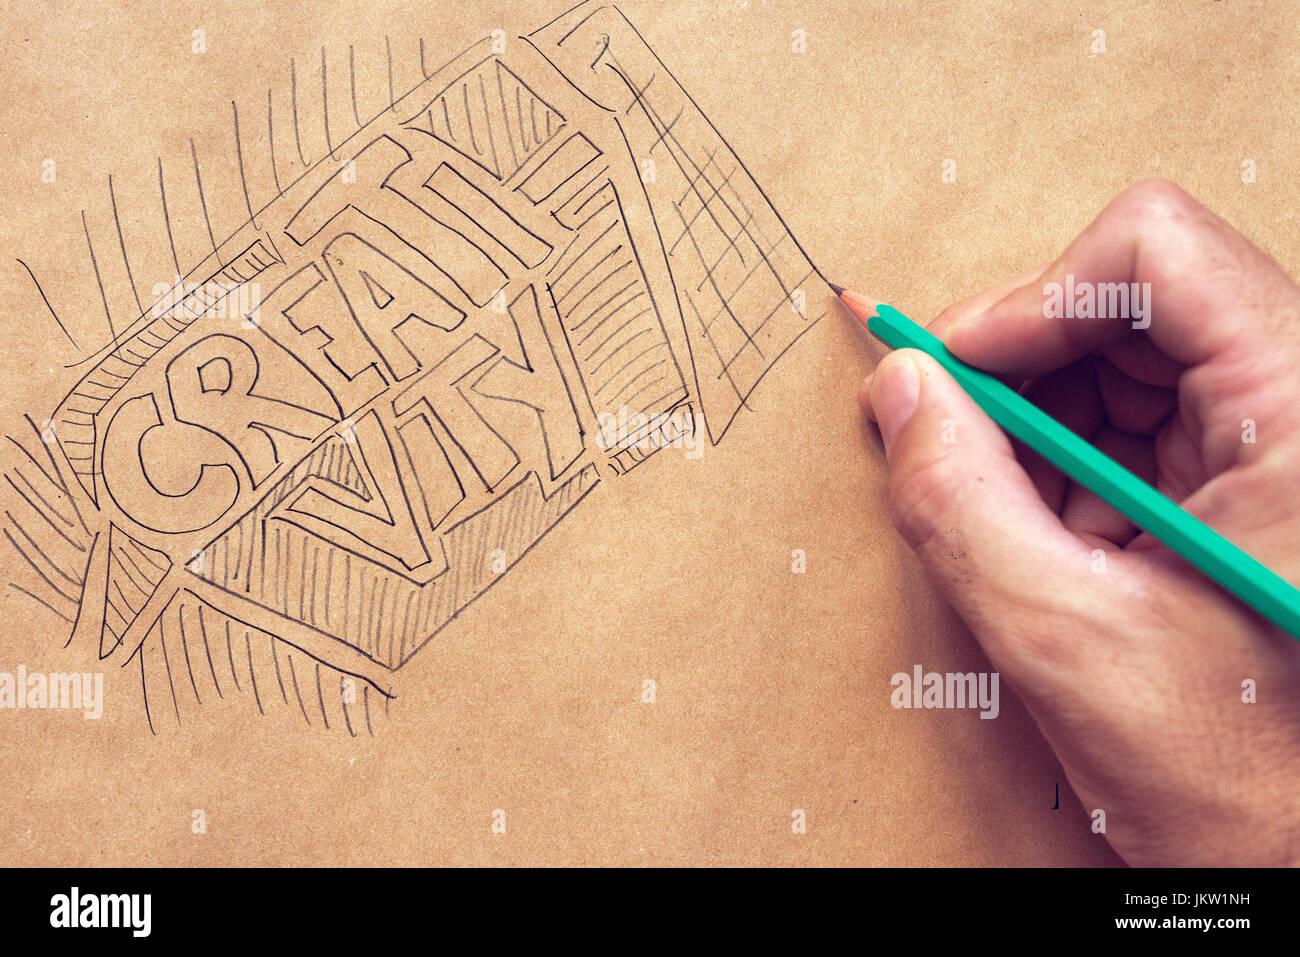 La créativité en design graphique, illustration et l'écriture avec un crayon à la main et Photo Stock